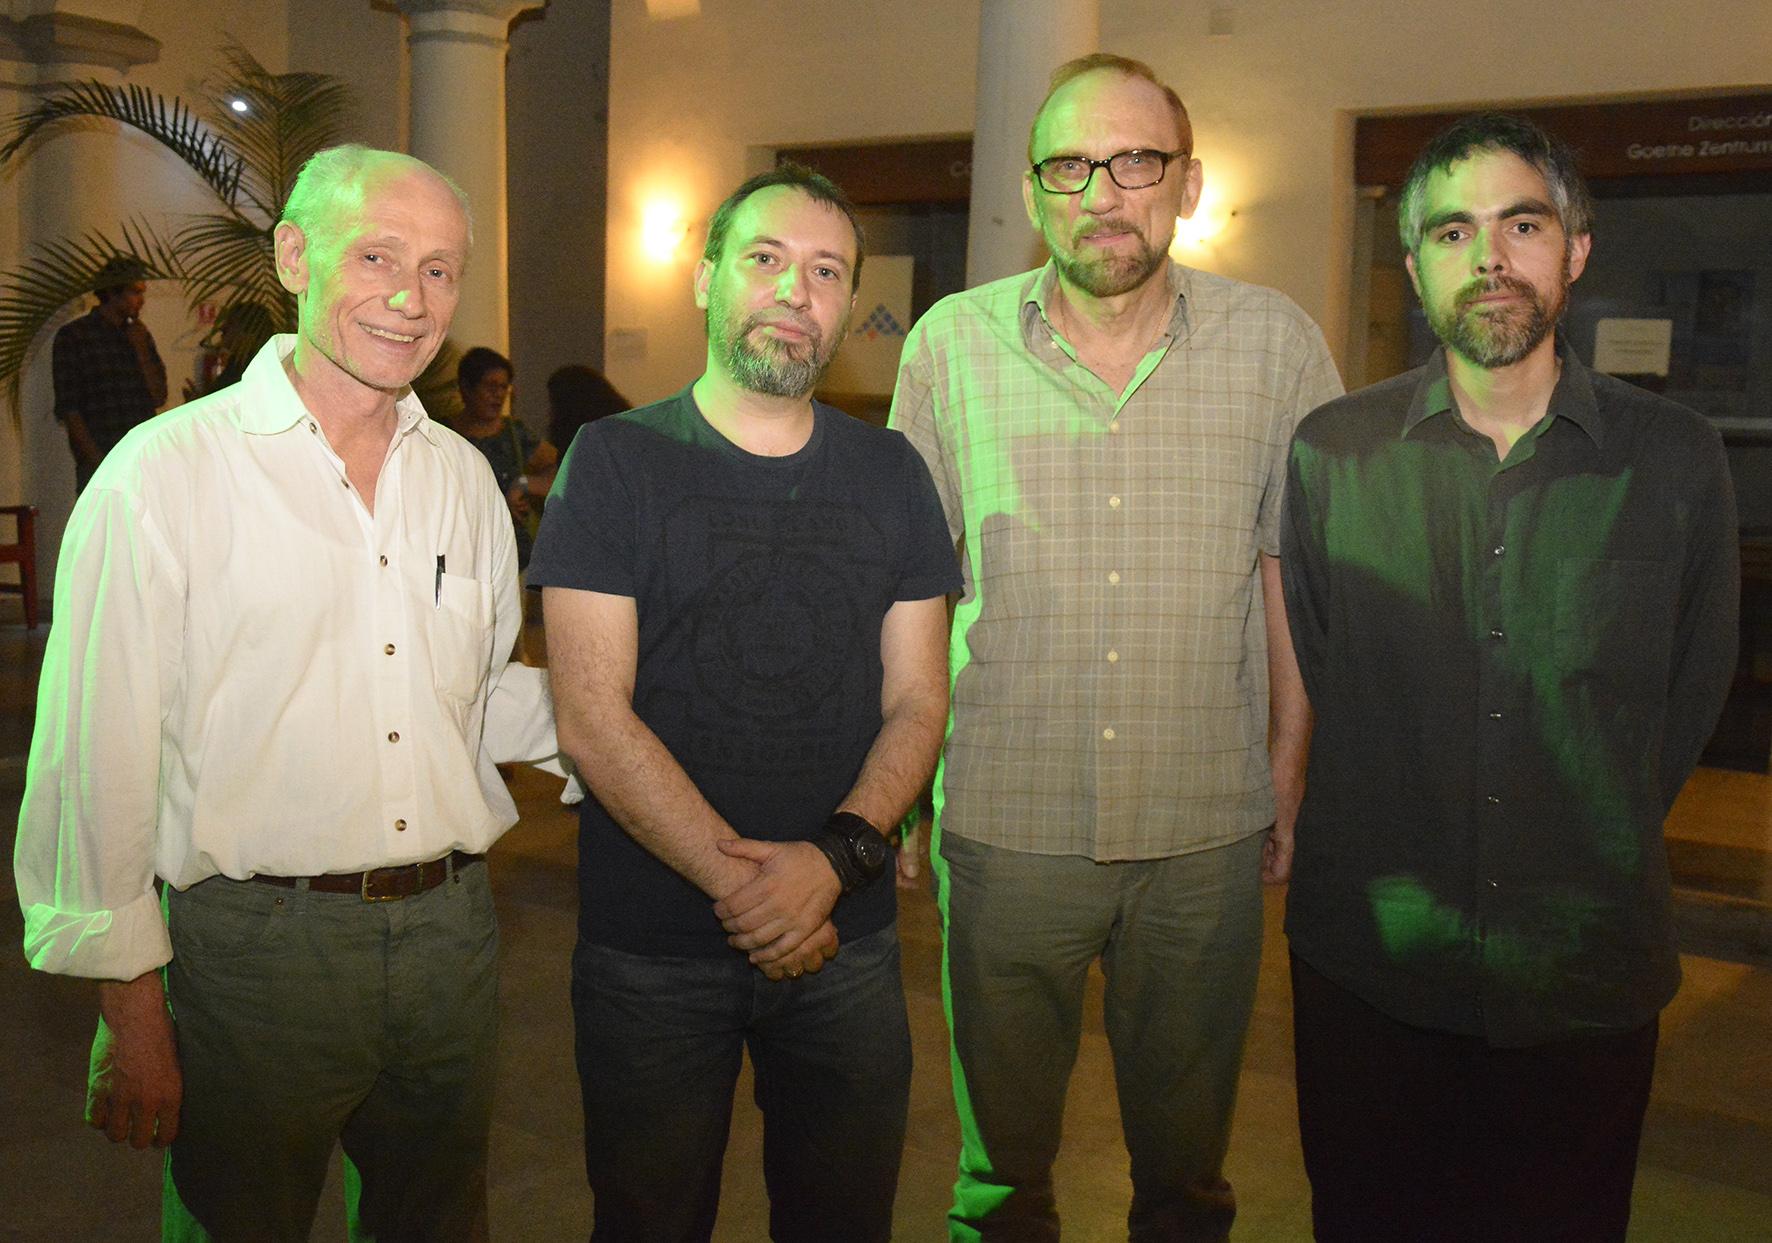 Franz Kunz, Alexander Grebtschenko, Michael Biste, Miguel LLanque